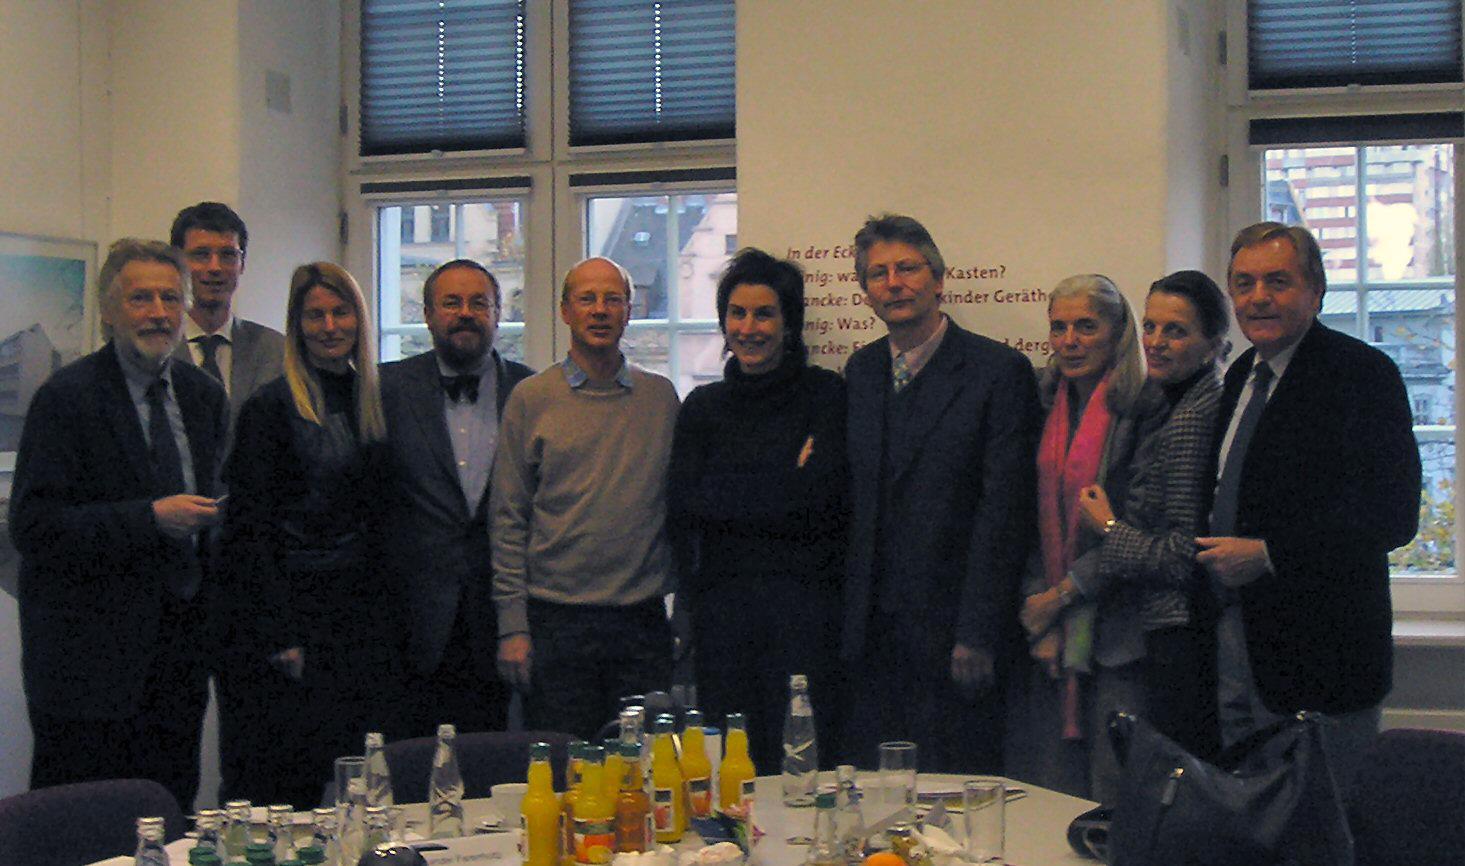 Teilnehmer:innen der Kuratoriumssitzung des KUR-Programms am Sitz der BKS in Halle, Francke'schen Stiftung, darunter auch die Restauratoren und Kuratoriumsmitglieder Kornelius Götz (VDR-Präsident) und Ulrich Schießl (HfBK Dresden).